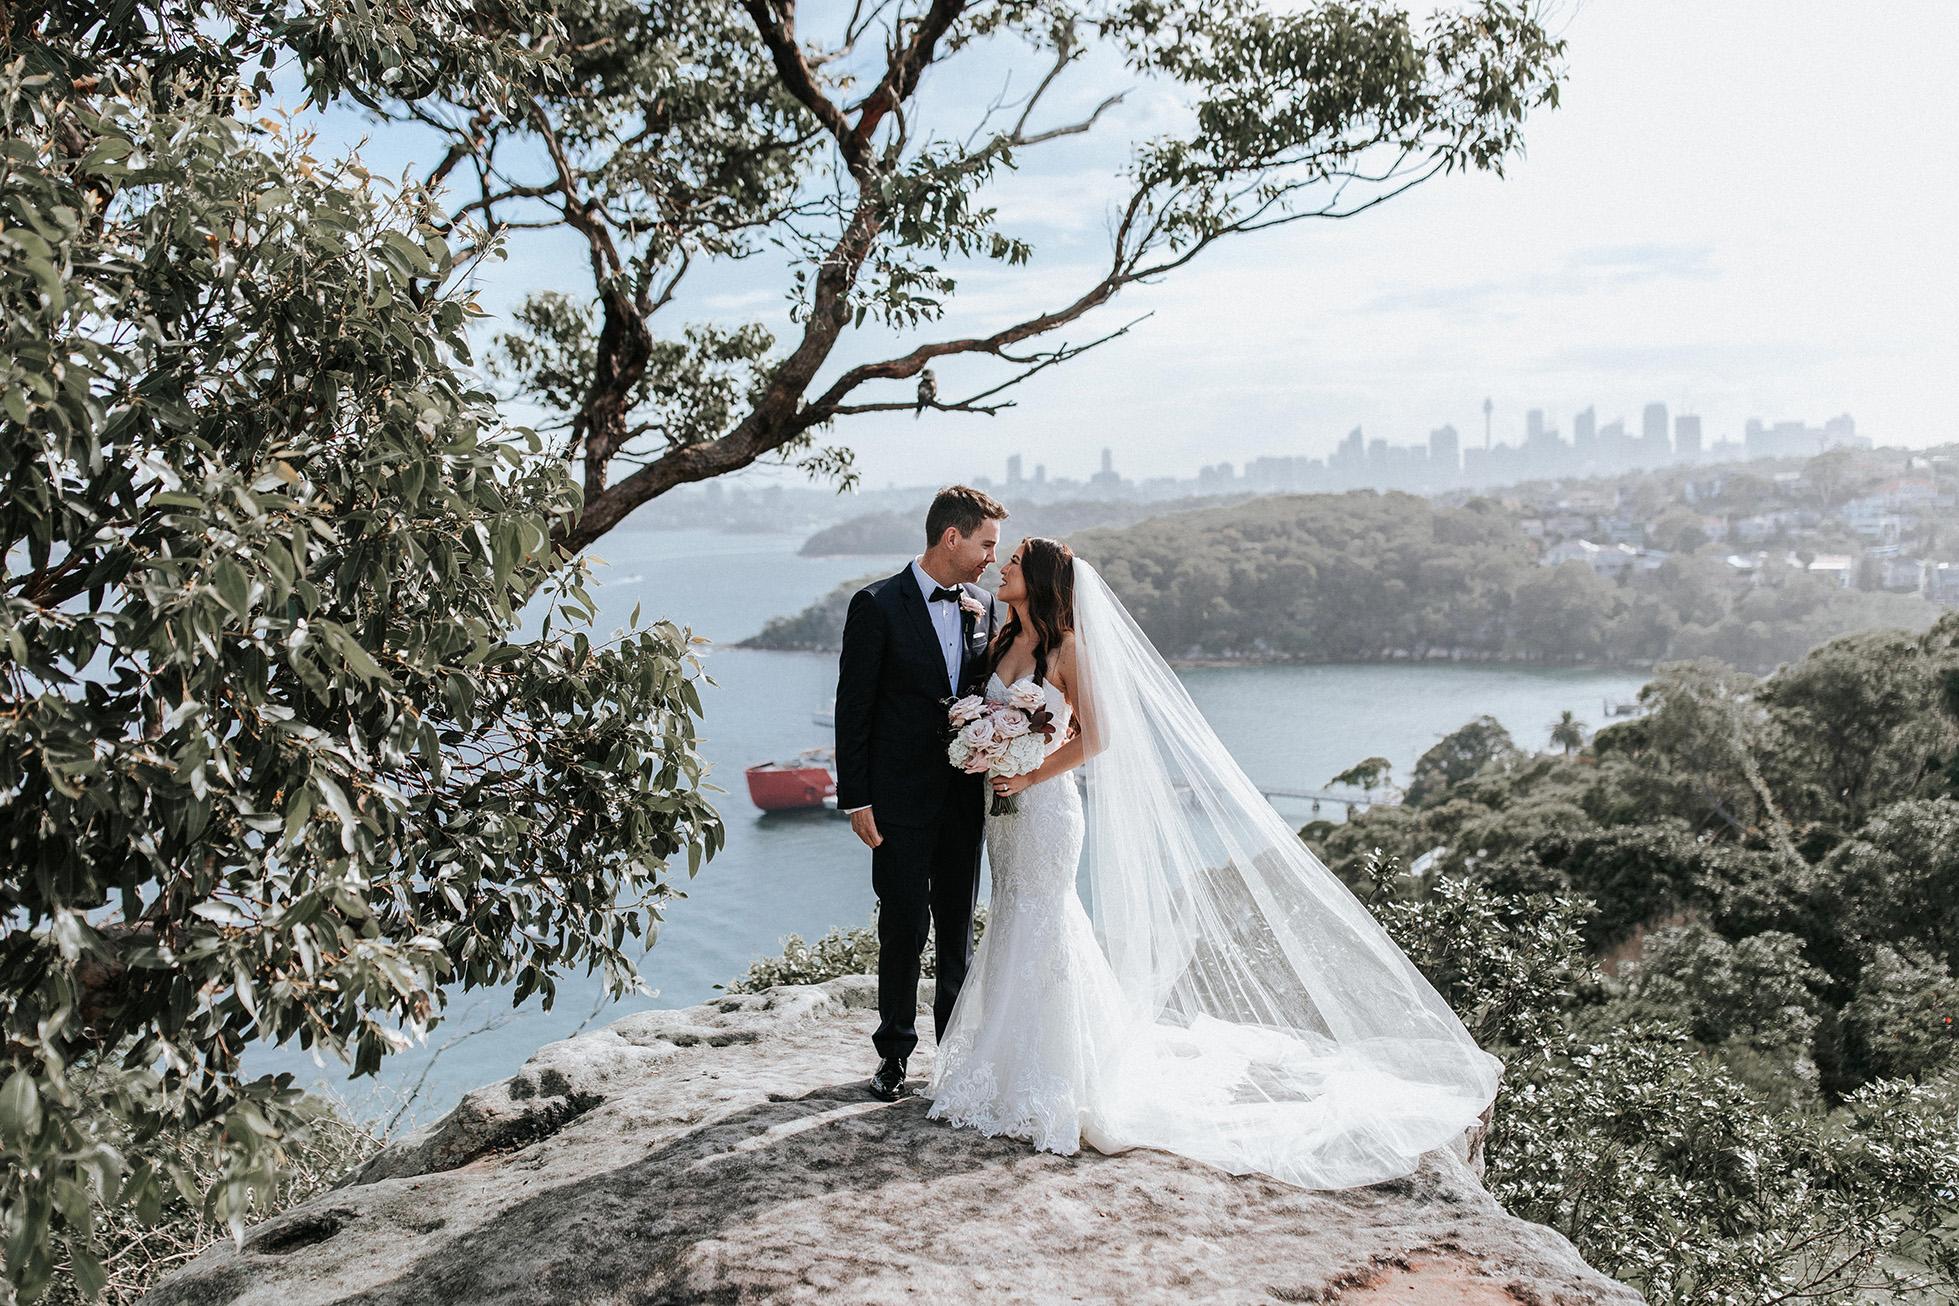 sergants-mess-wedding-jacinta-blake-20.jpg